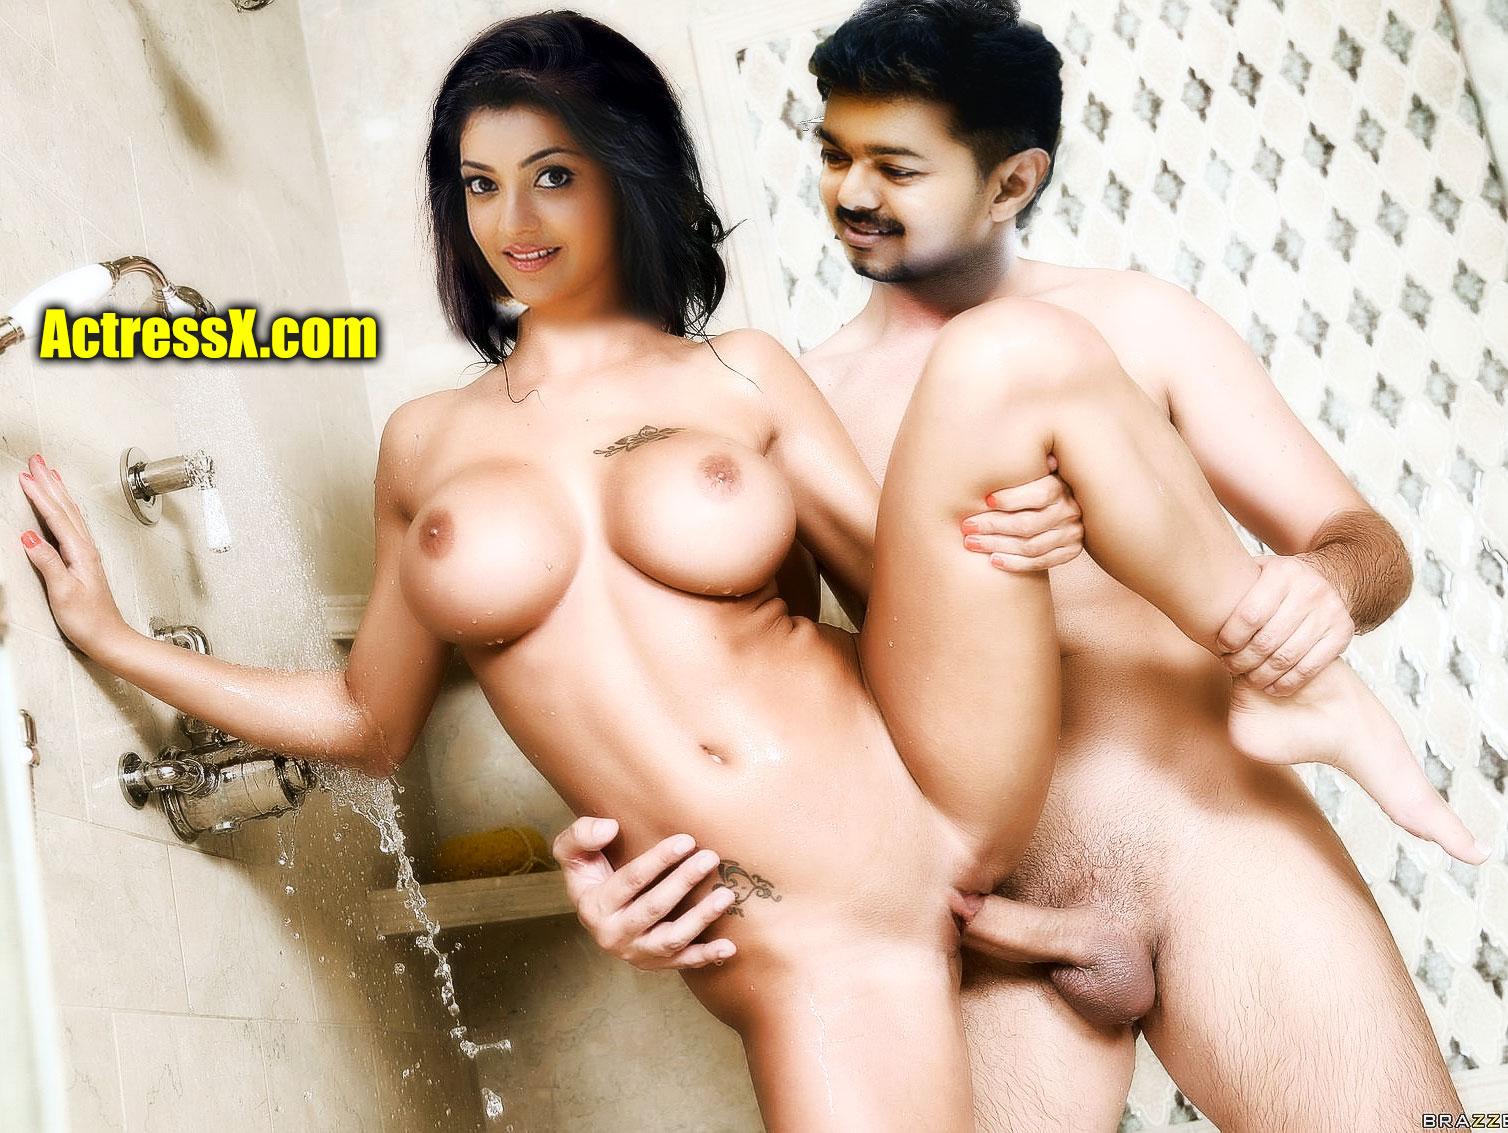 Vijay fucking full nude Kajal Aggarwal pussy bathroom sex photo